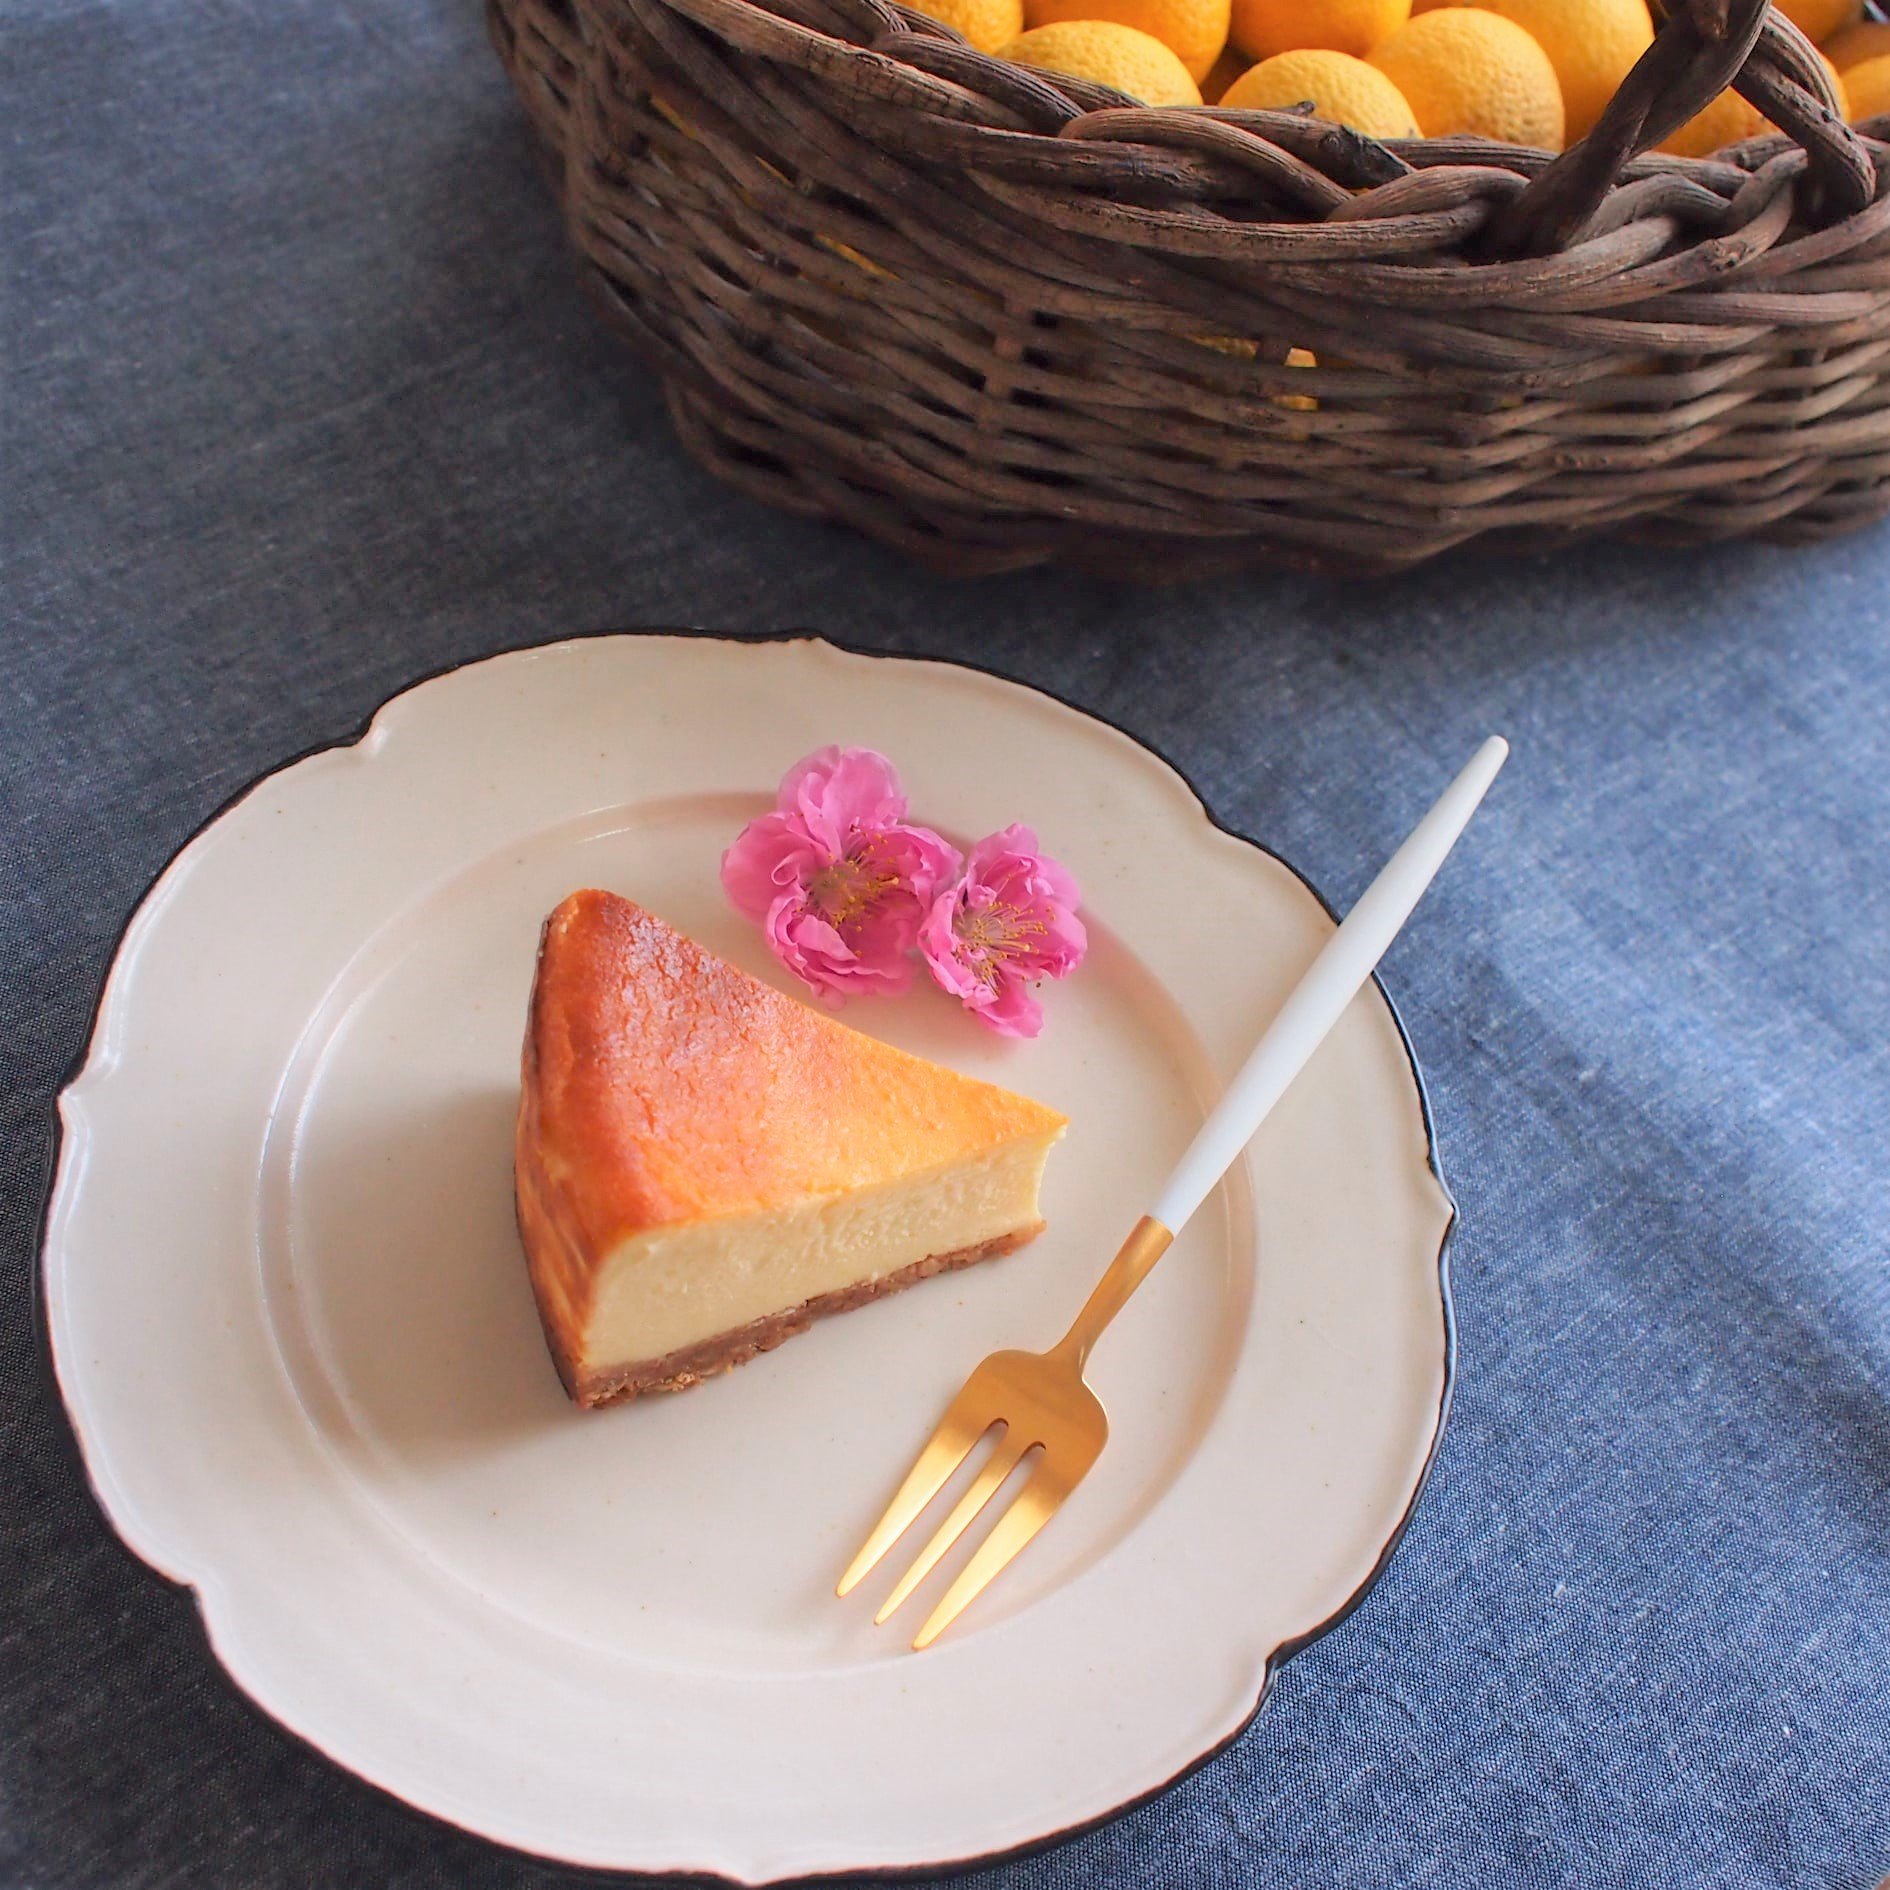 小夏のチーズケーキやじゃばらとレモンのシフォンもおススメです。